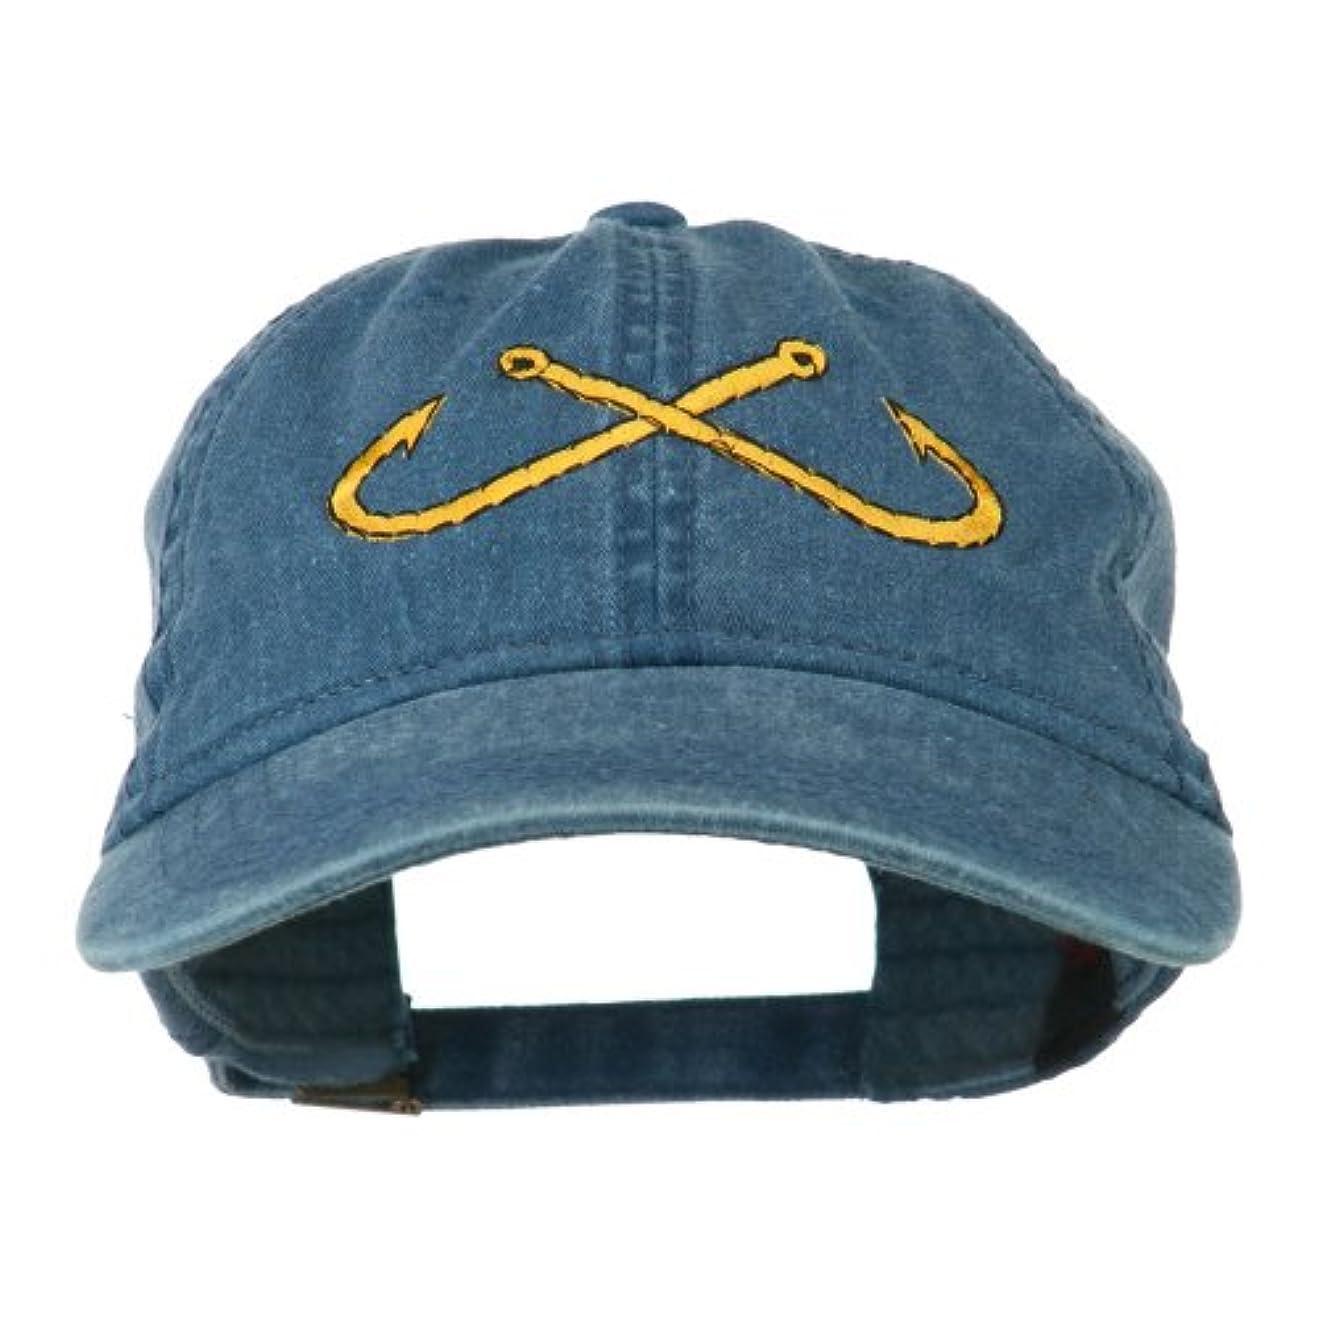 湿度オーケストラ日記釣りCrossed Fishhooks刺繍Washed Cap – Navy